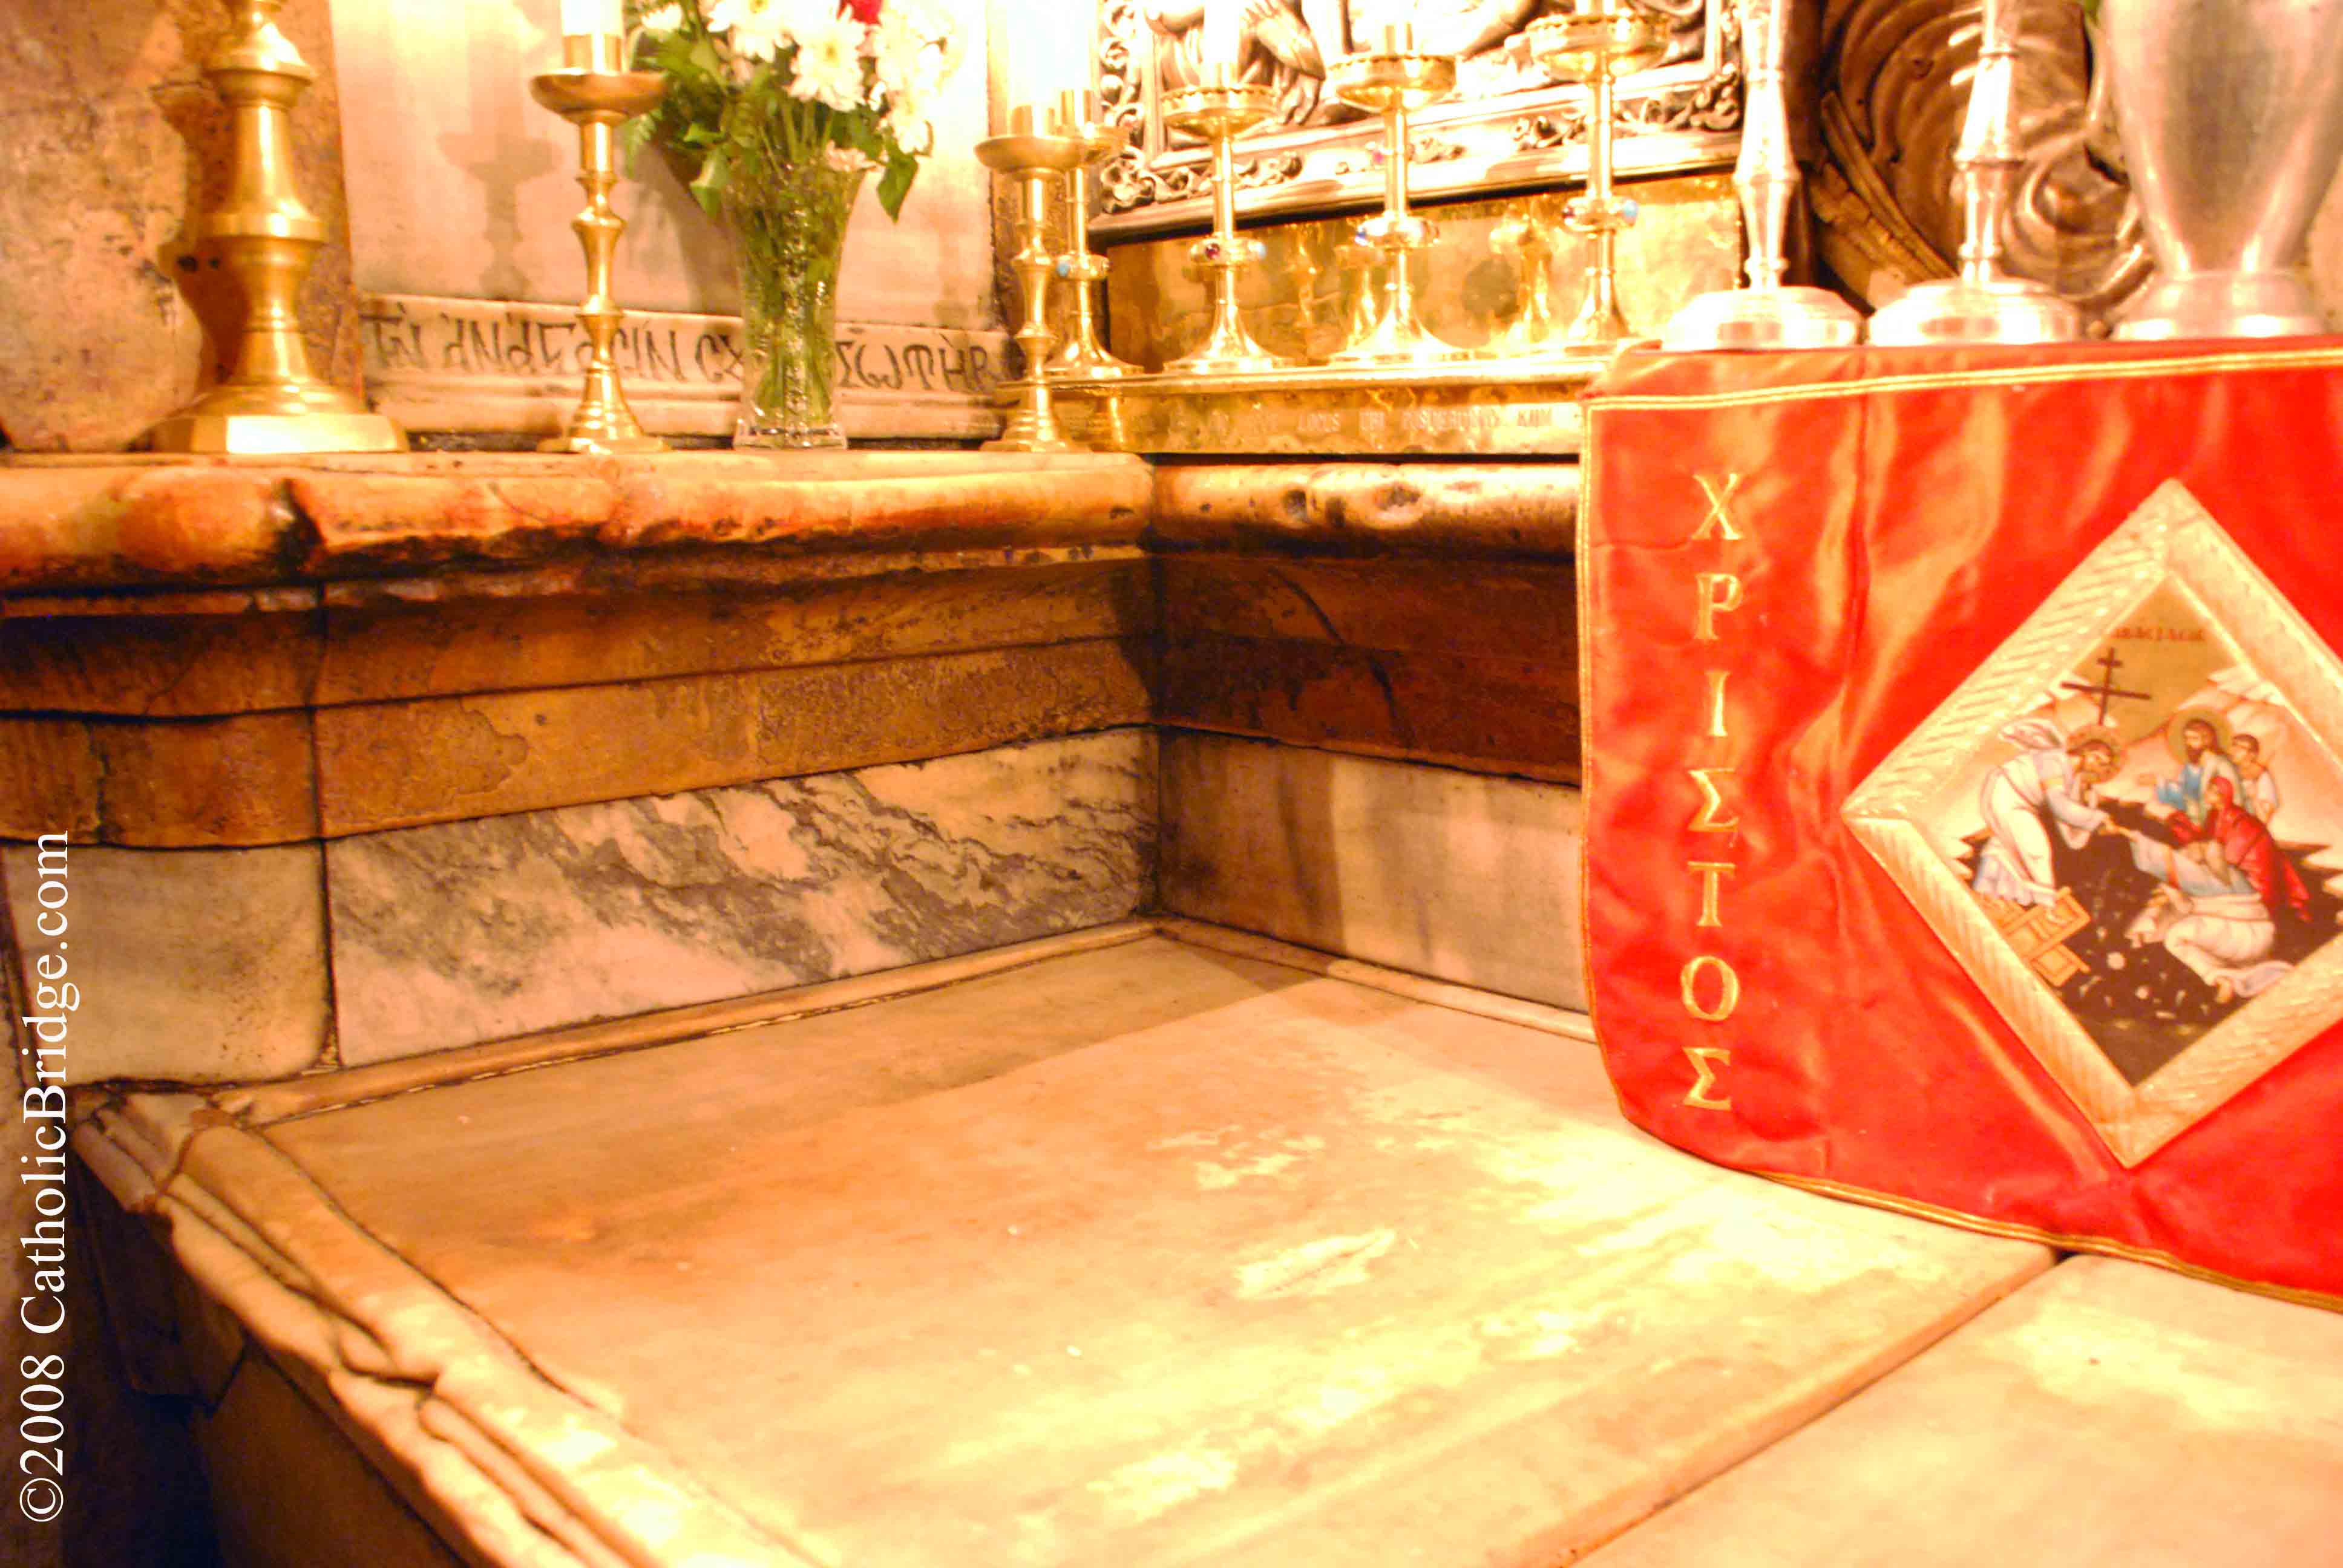 DSC_0661_burial_tomb_jesus (1).jpg